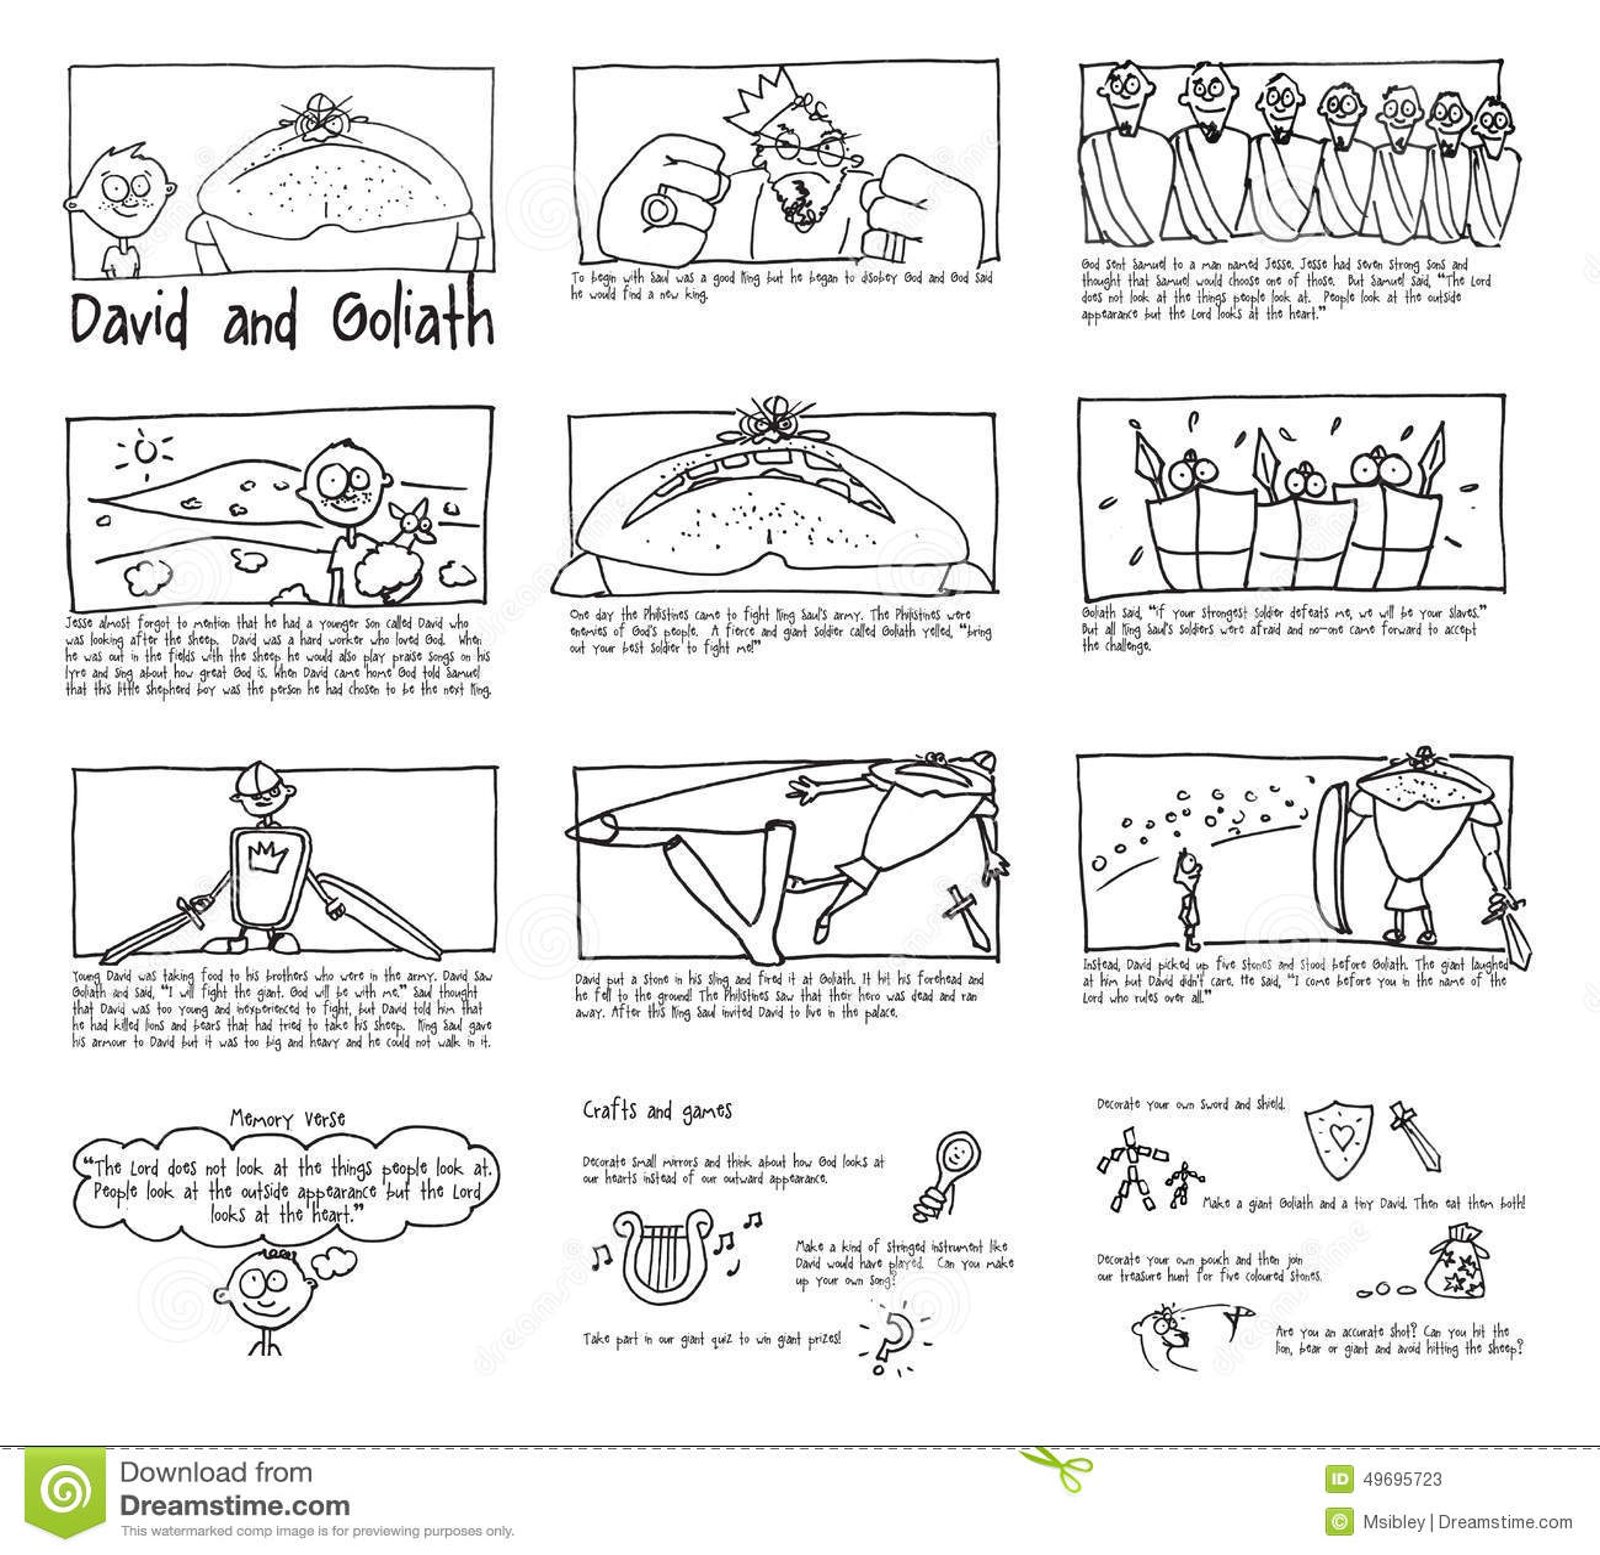 David Und Goliath Sunday School Bildgeschichte Stock